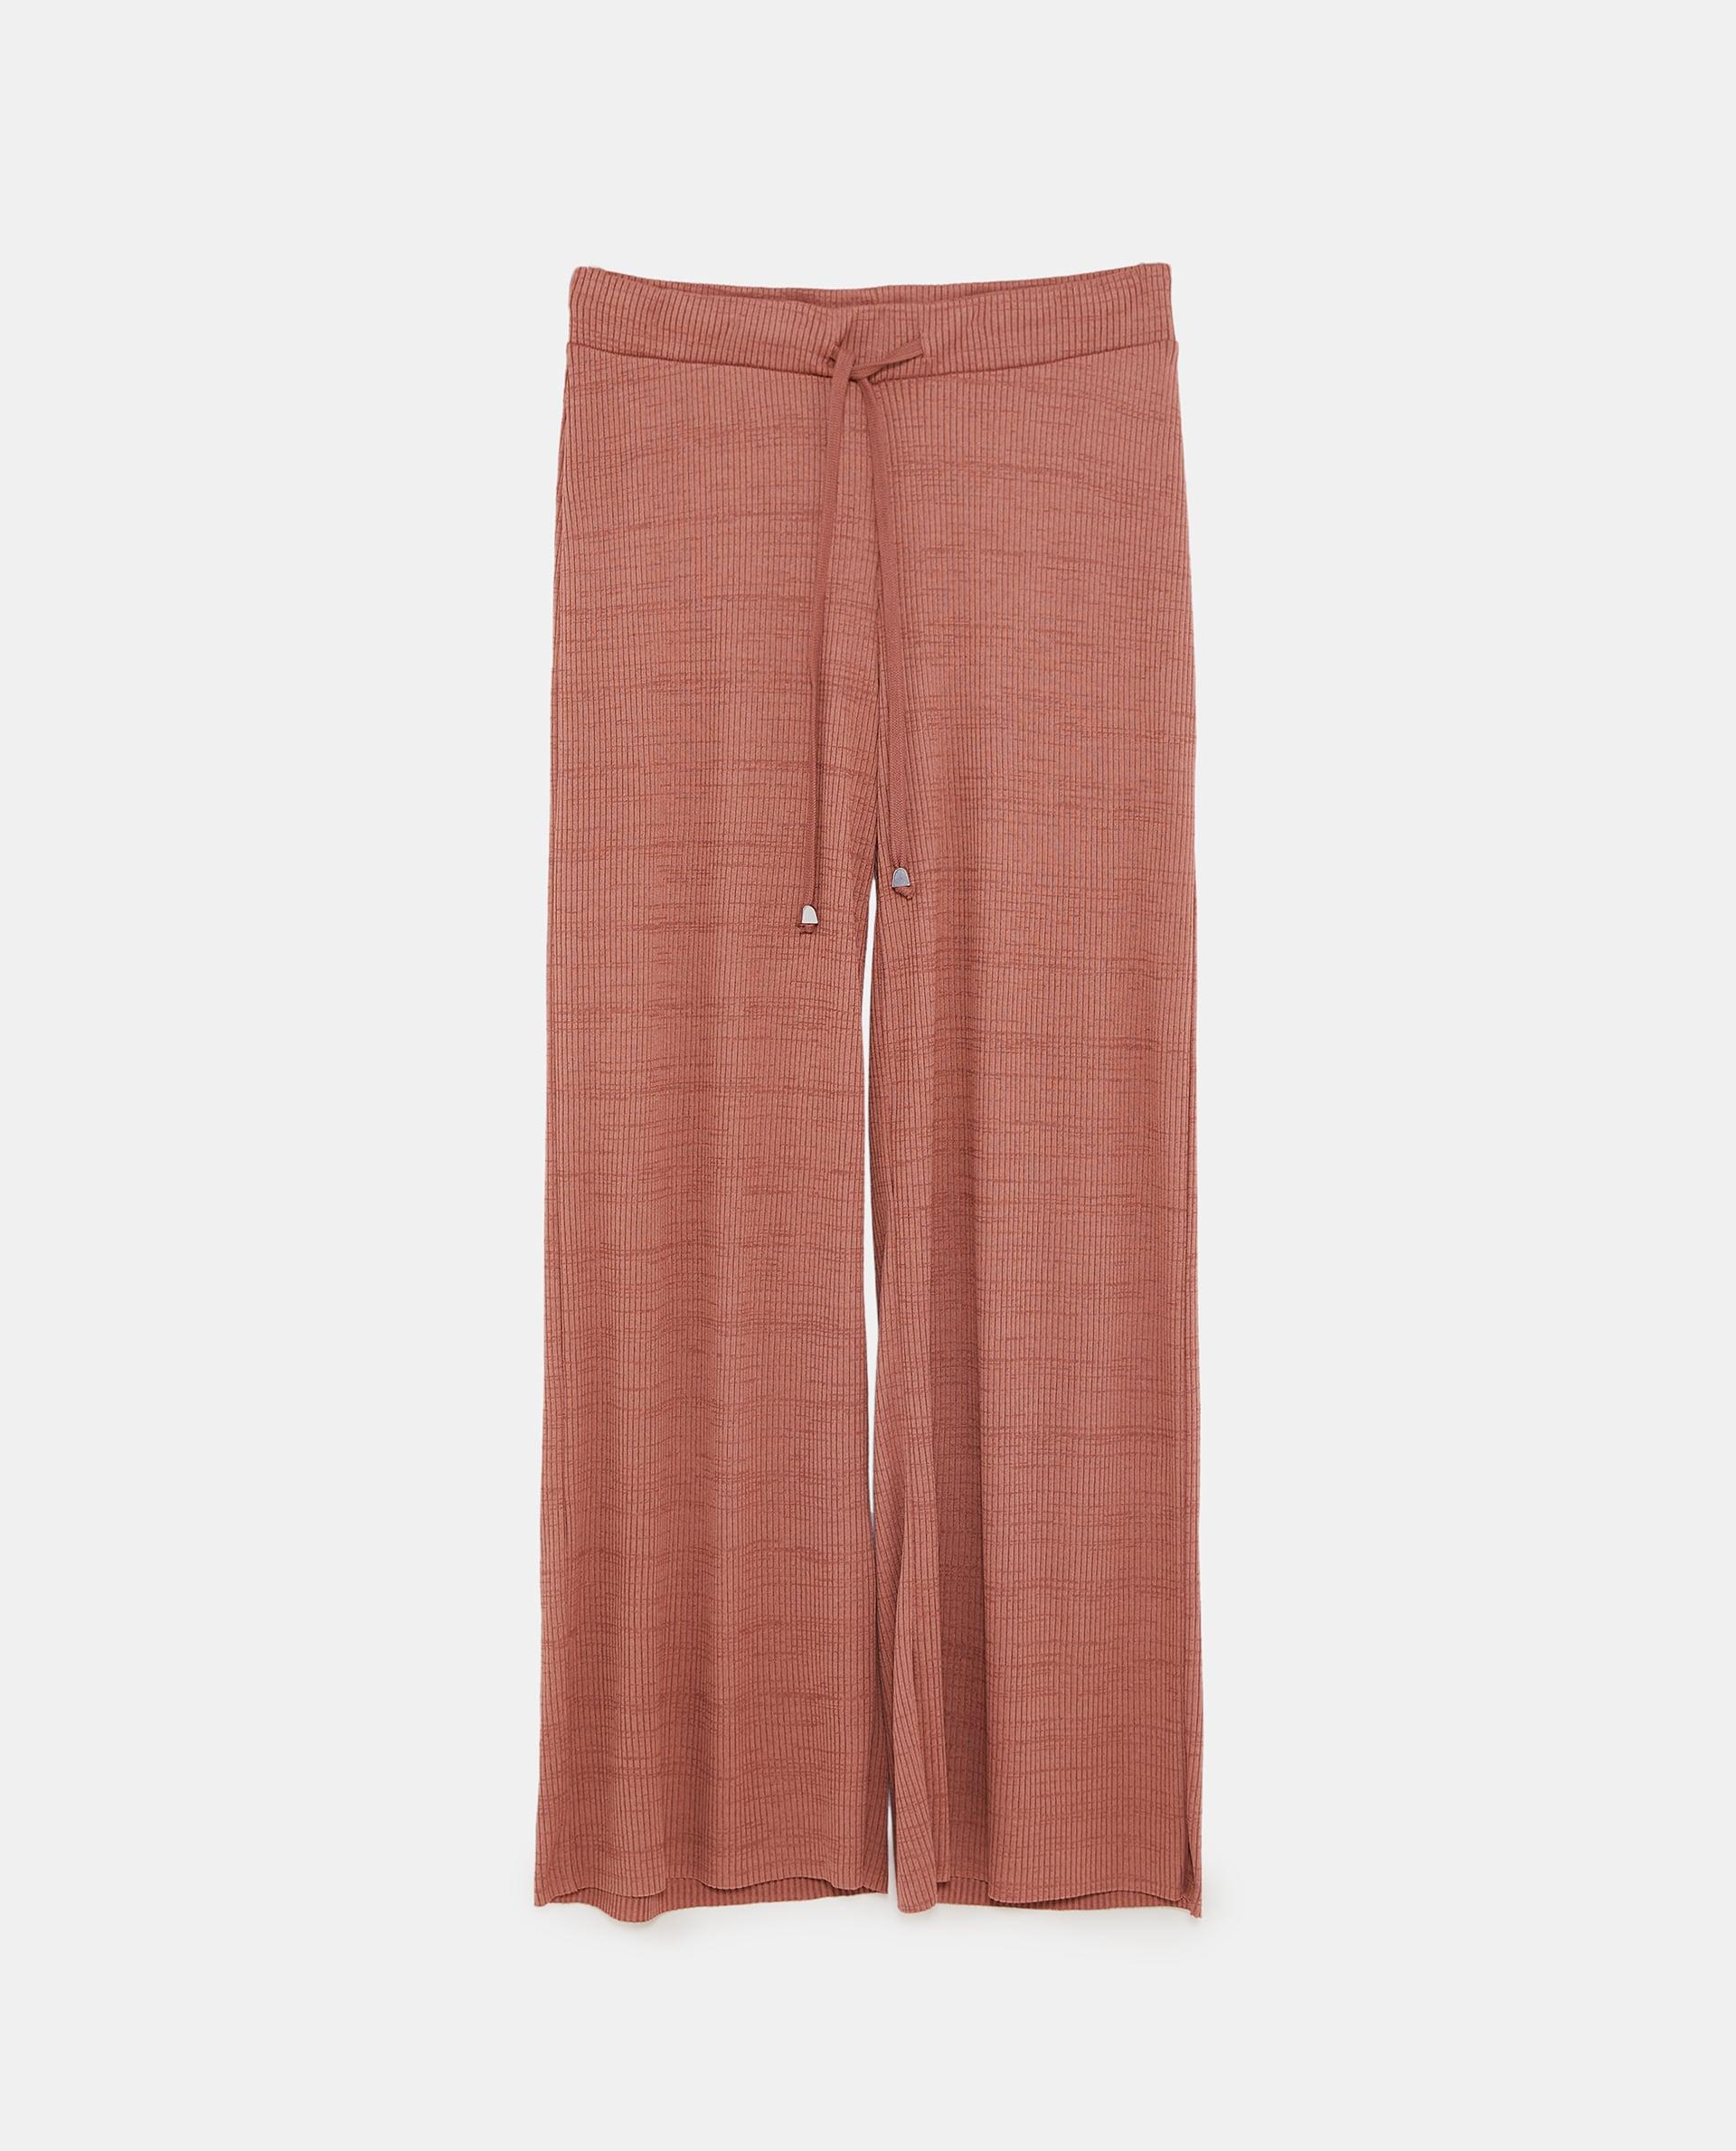 ribbed trouser, Zara, brick, £19.99